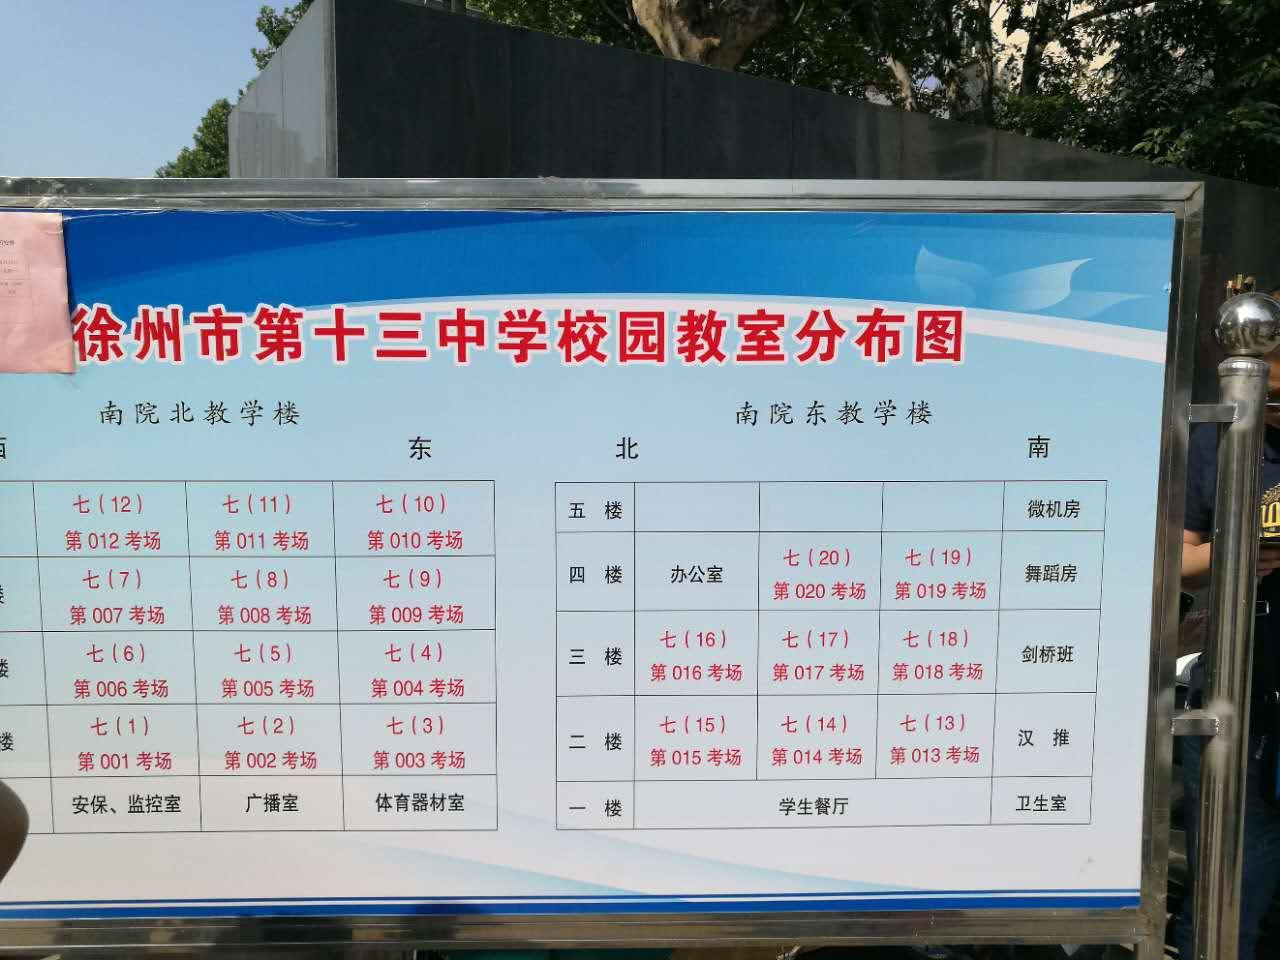 中考来了:徐州6.7万考生参加2017中考 为梦想而战